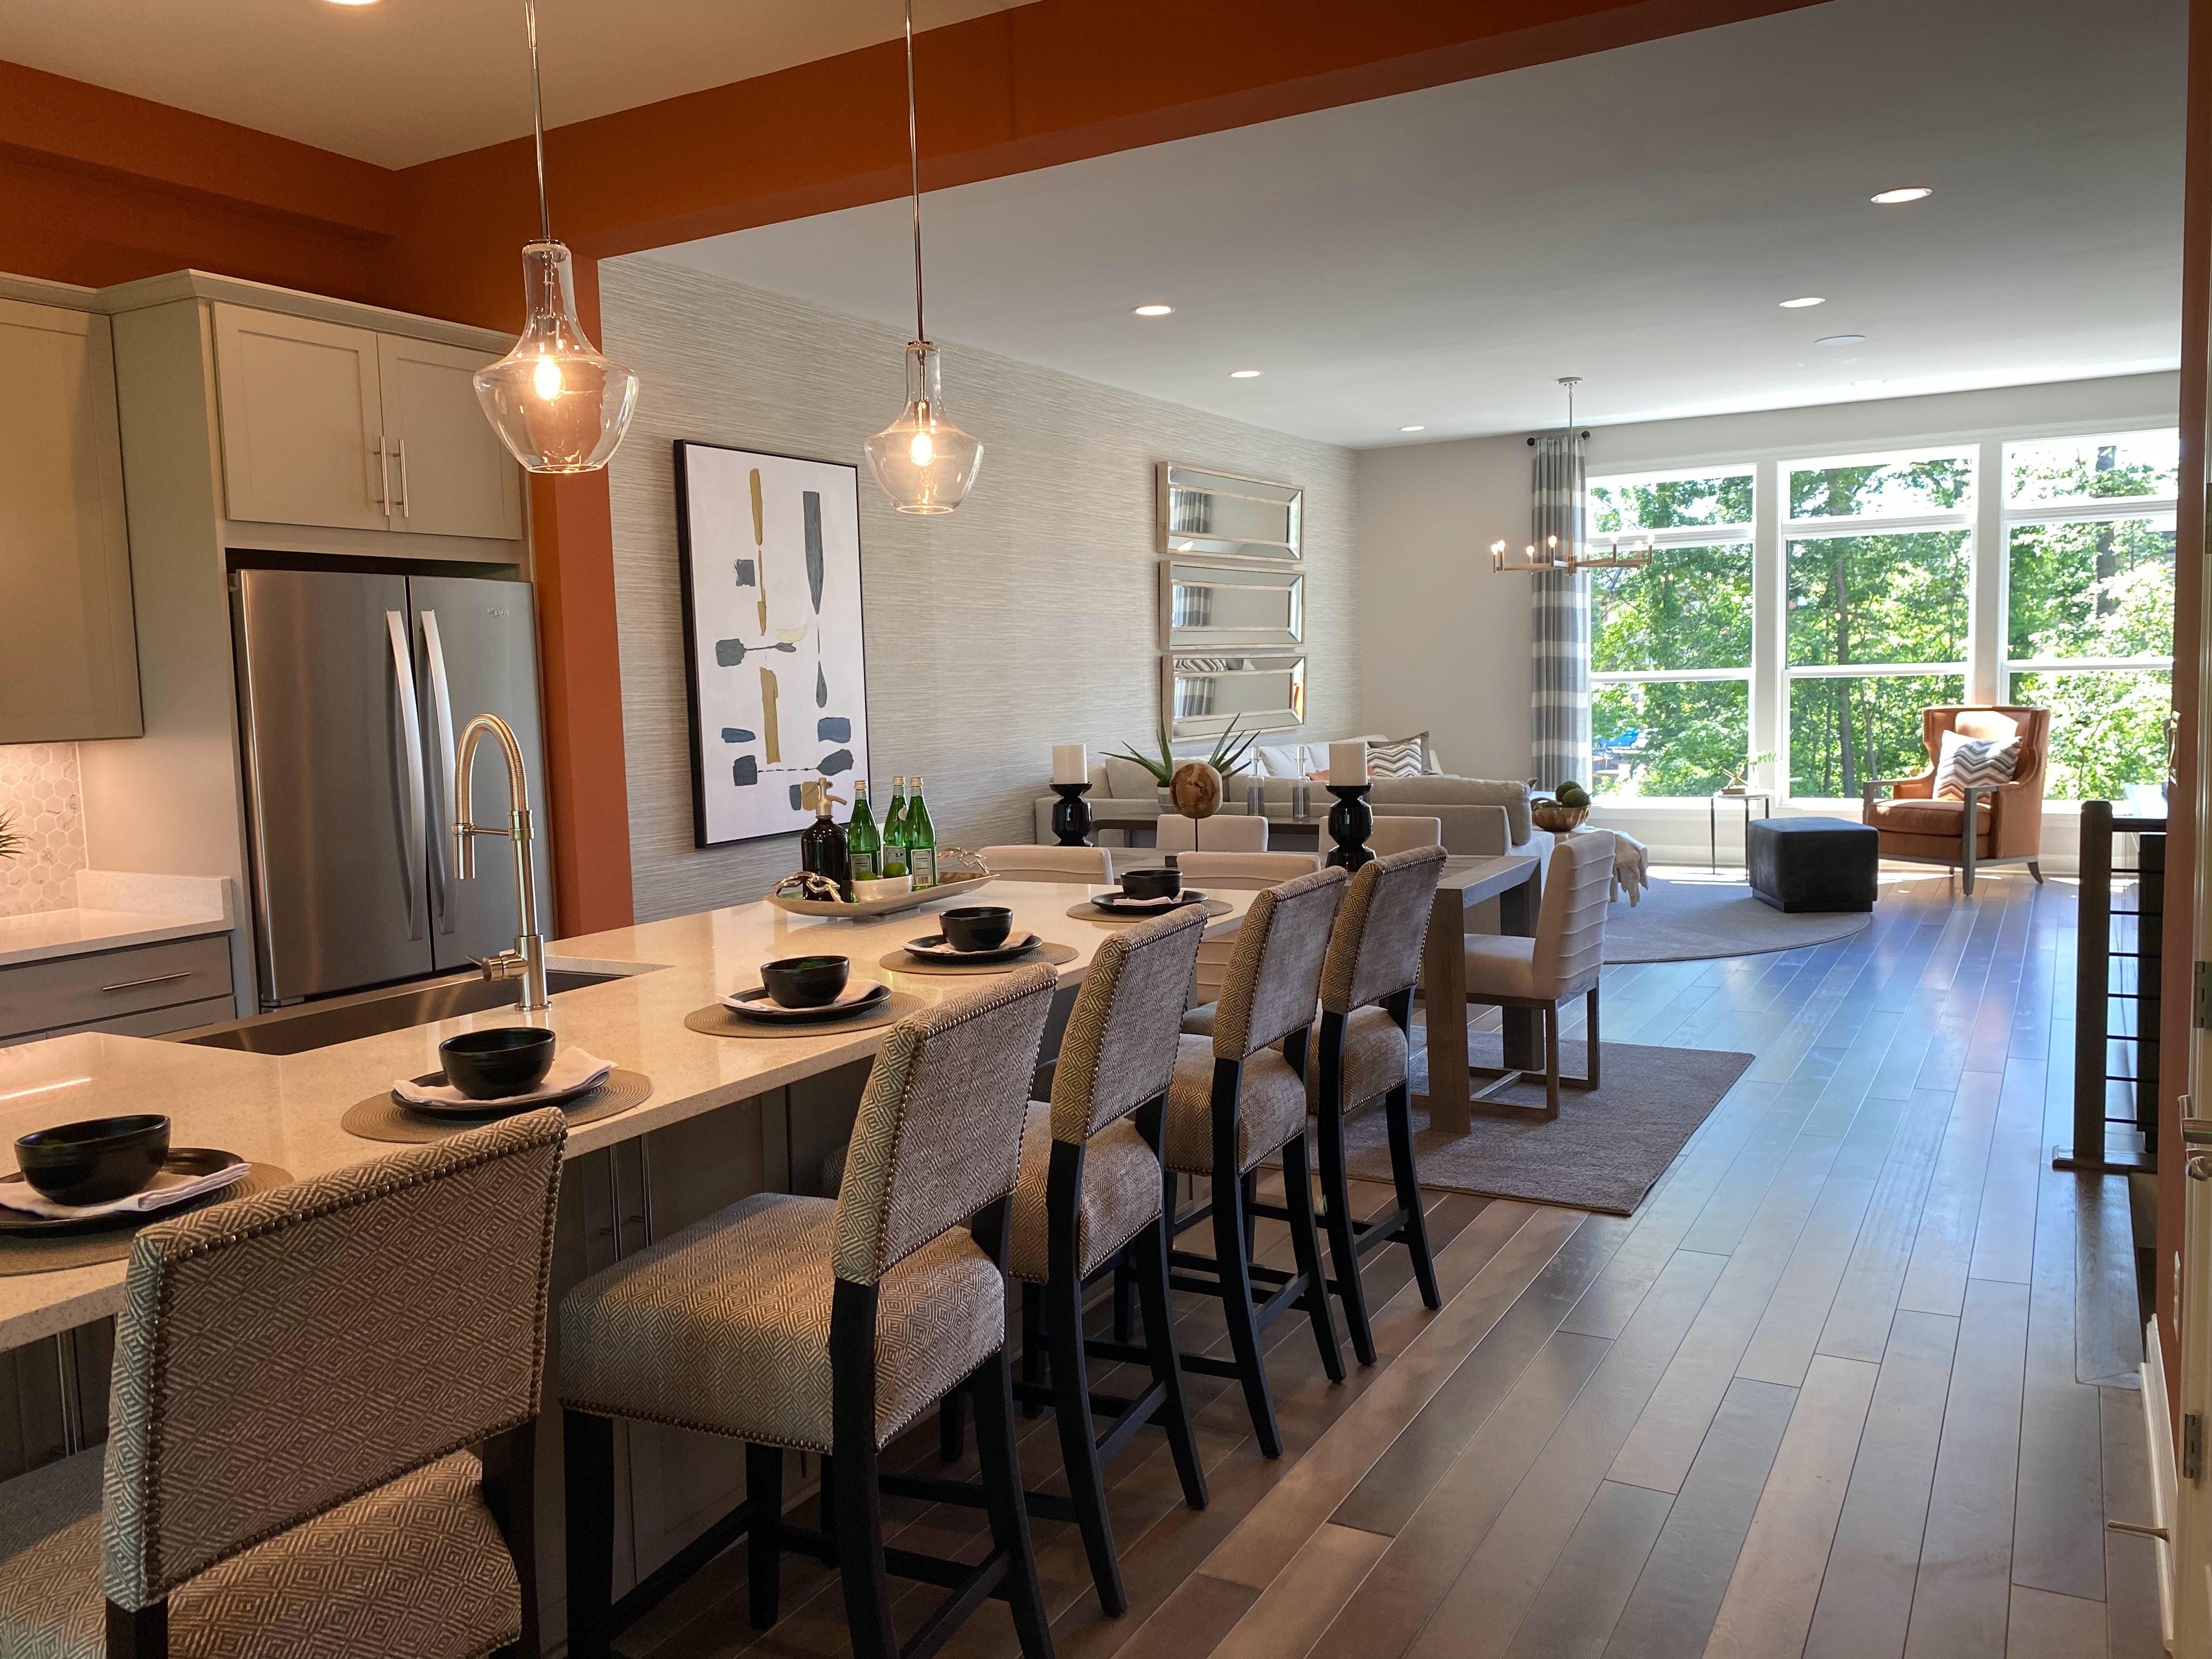 Own a Home Fairfax, VA